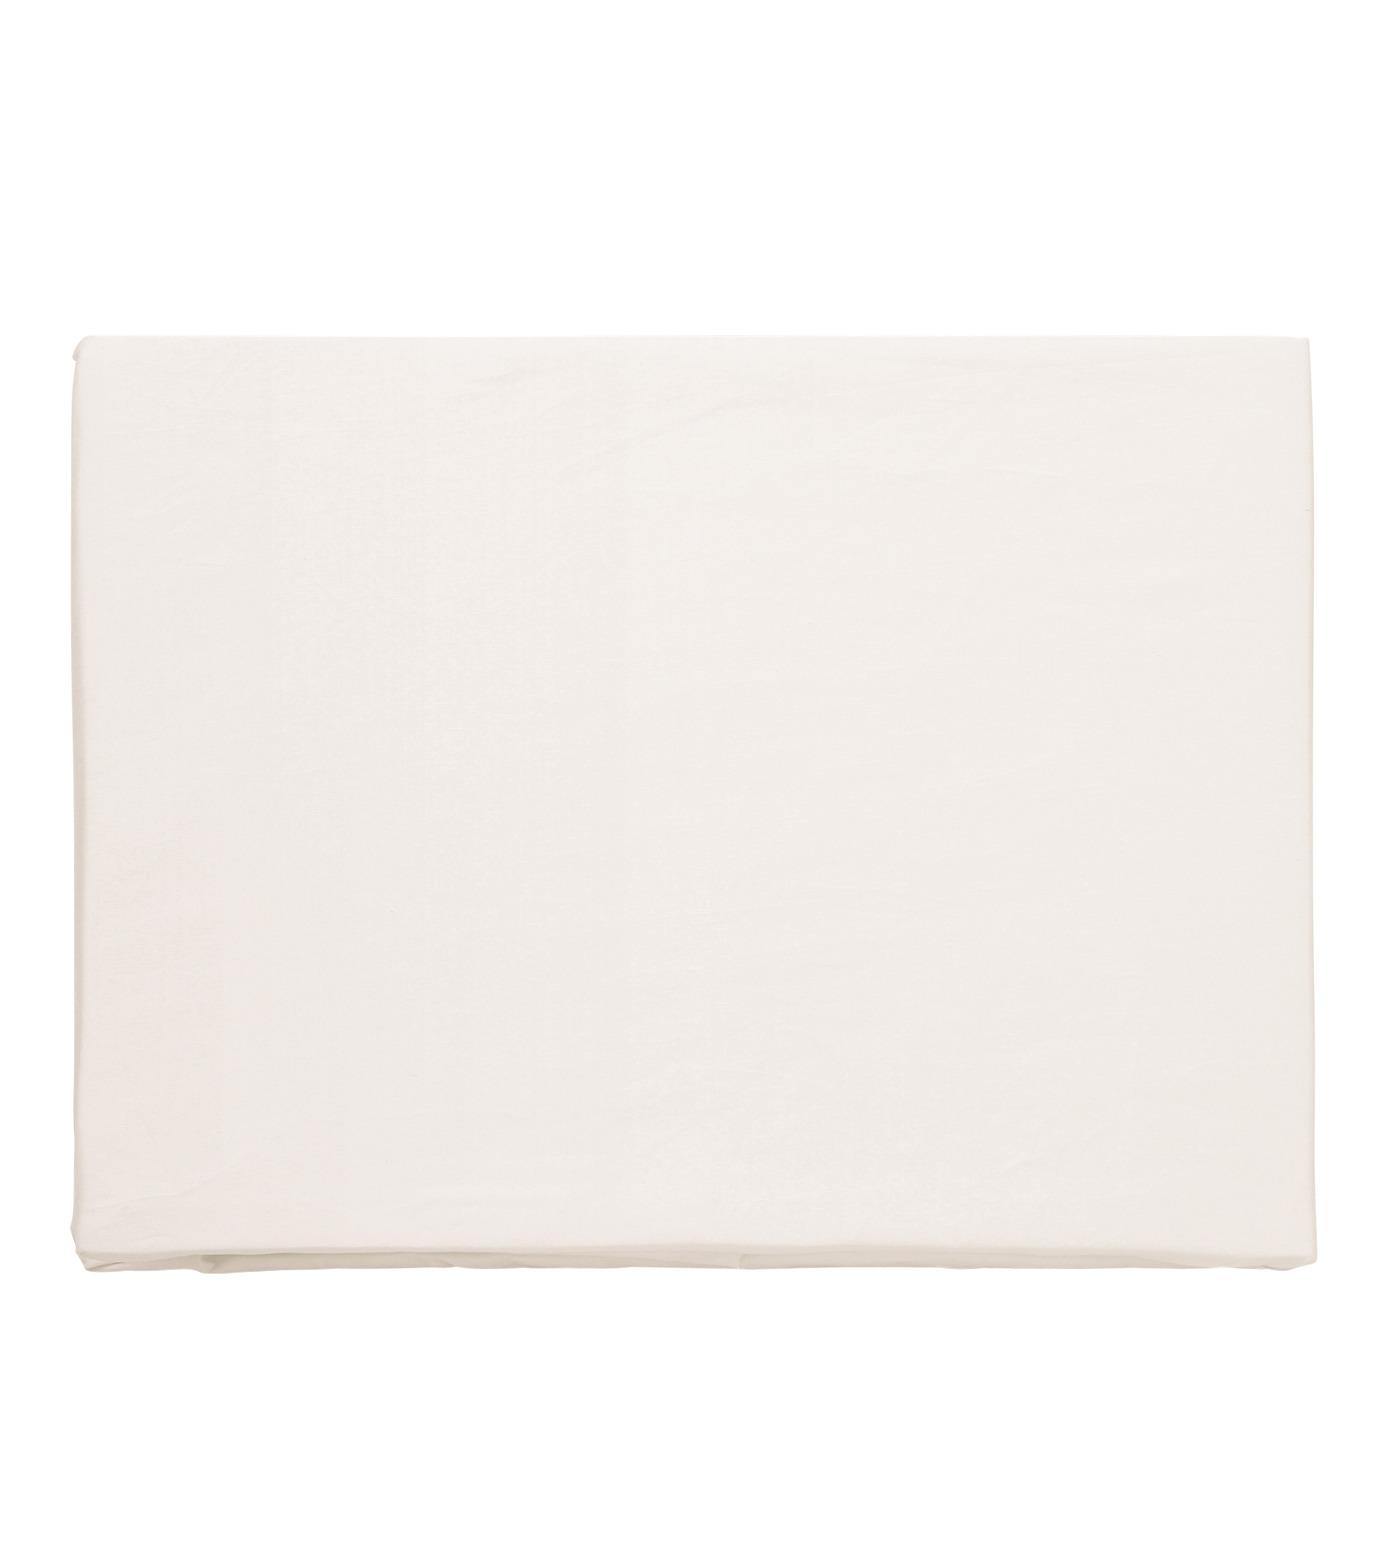 HEY YOU !(ヘイユウ)のDuvet cover/double-WHITE(インテリア/interior)-duvetcover-D-4 拡大詳細画像1